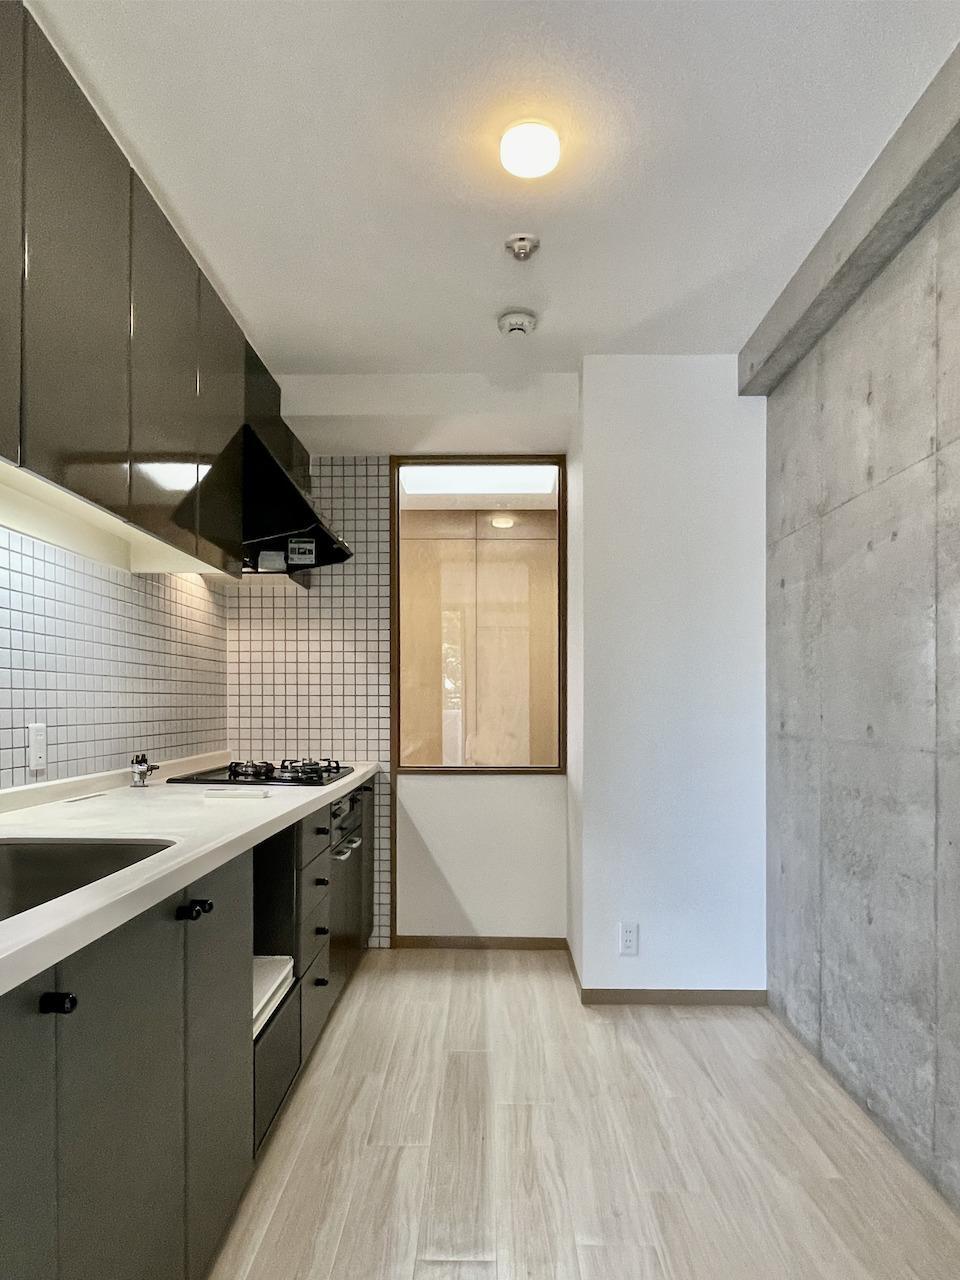 タイルとコンクリートのお洒落なキッチン。ガラスの向こうは階段です。